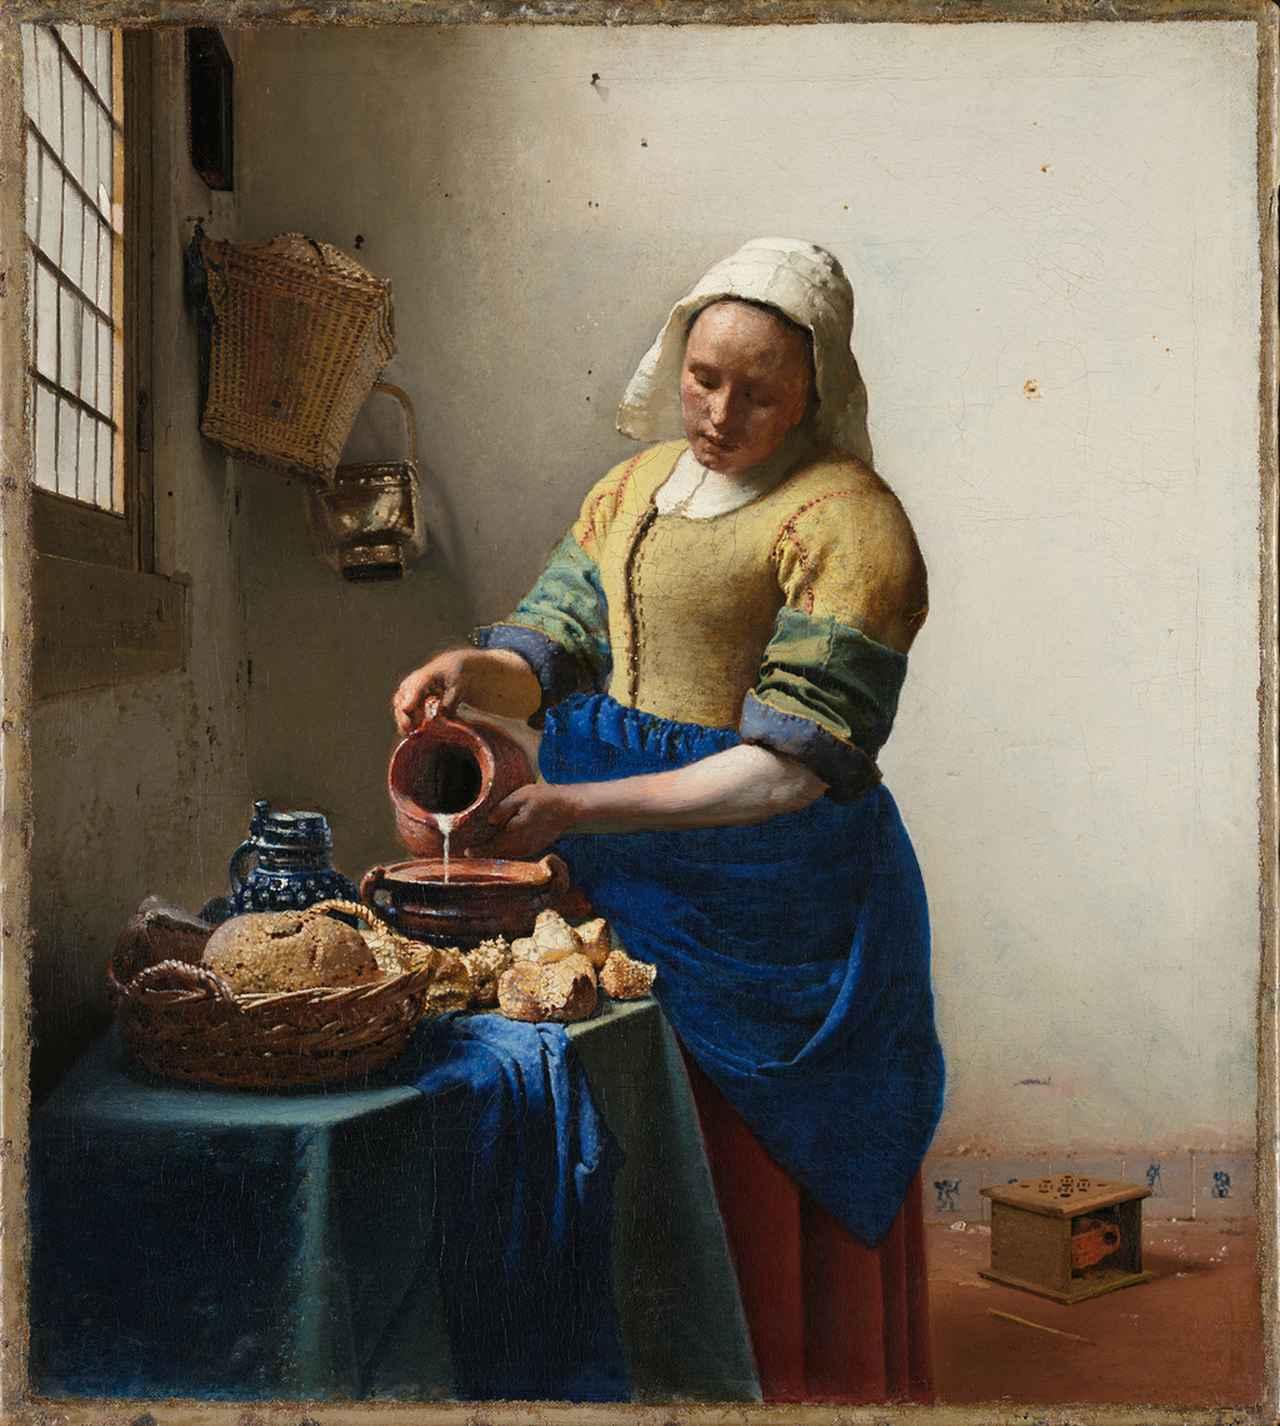 画像: 『牛乳を注ぐ女』ヨハネス・フェルメール アムステルダム国立美術館 Ⓒオランダ政府観光局